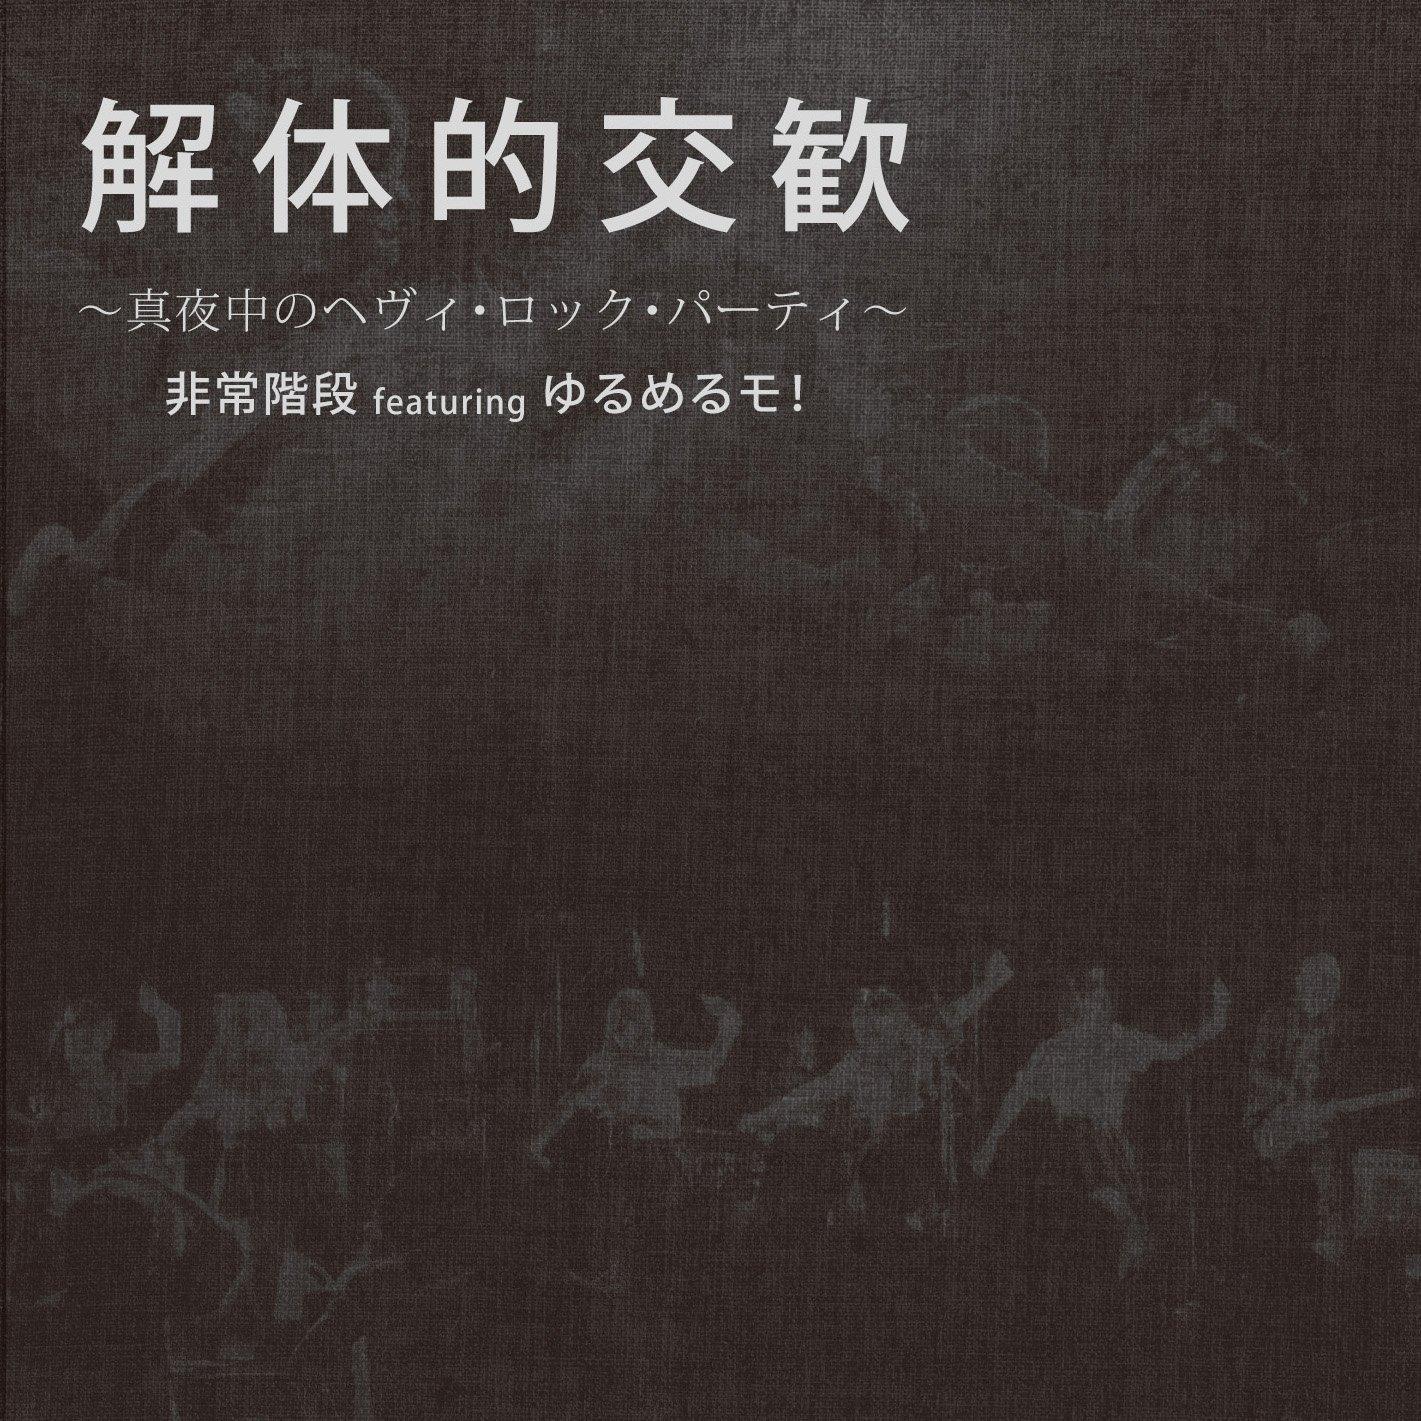 kokan2015_kaitaitekikokan_now